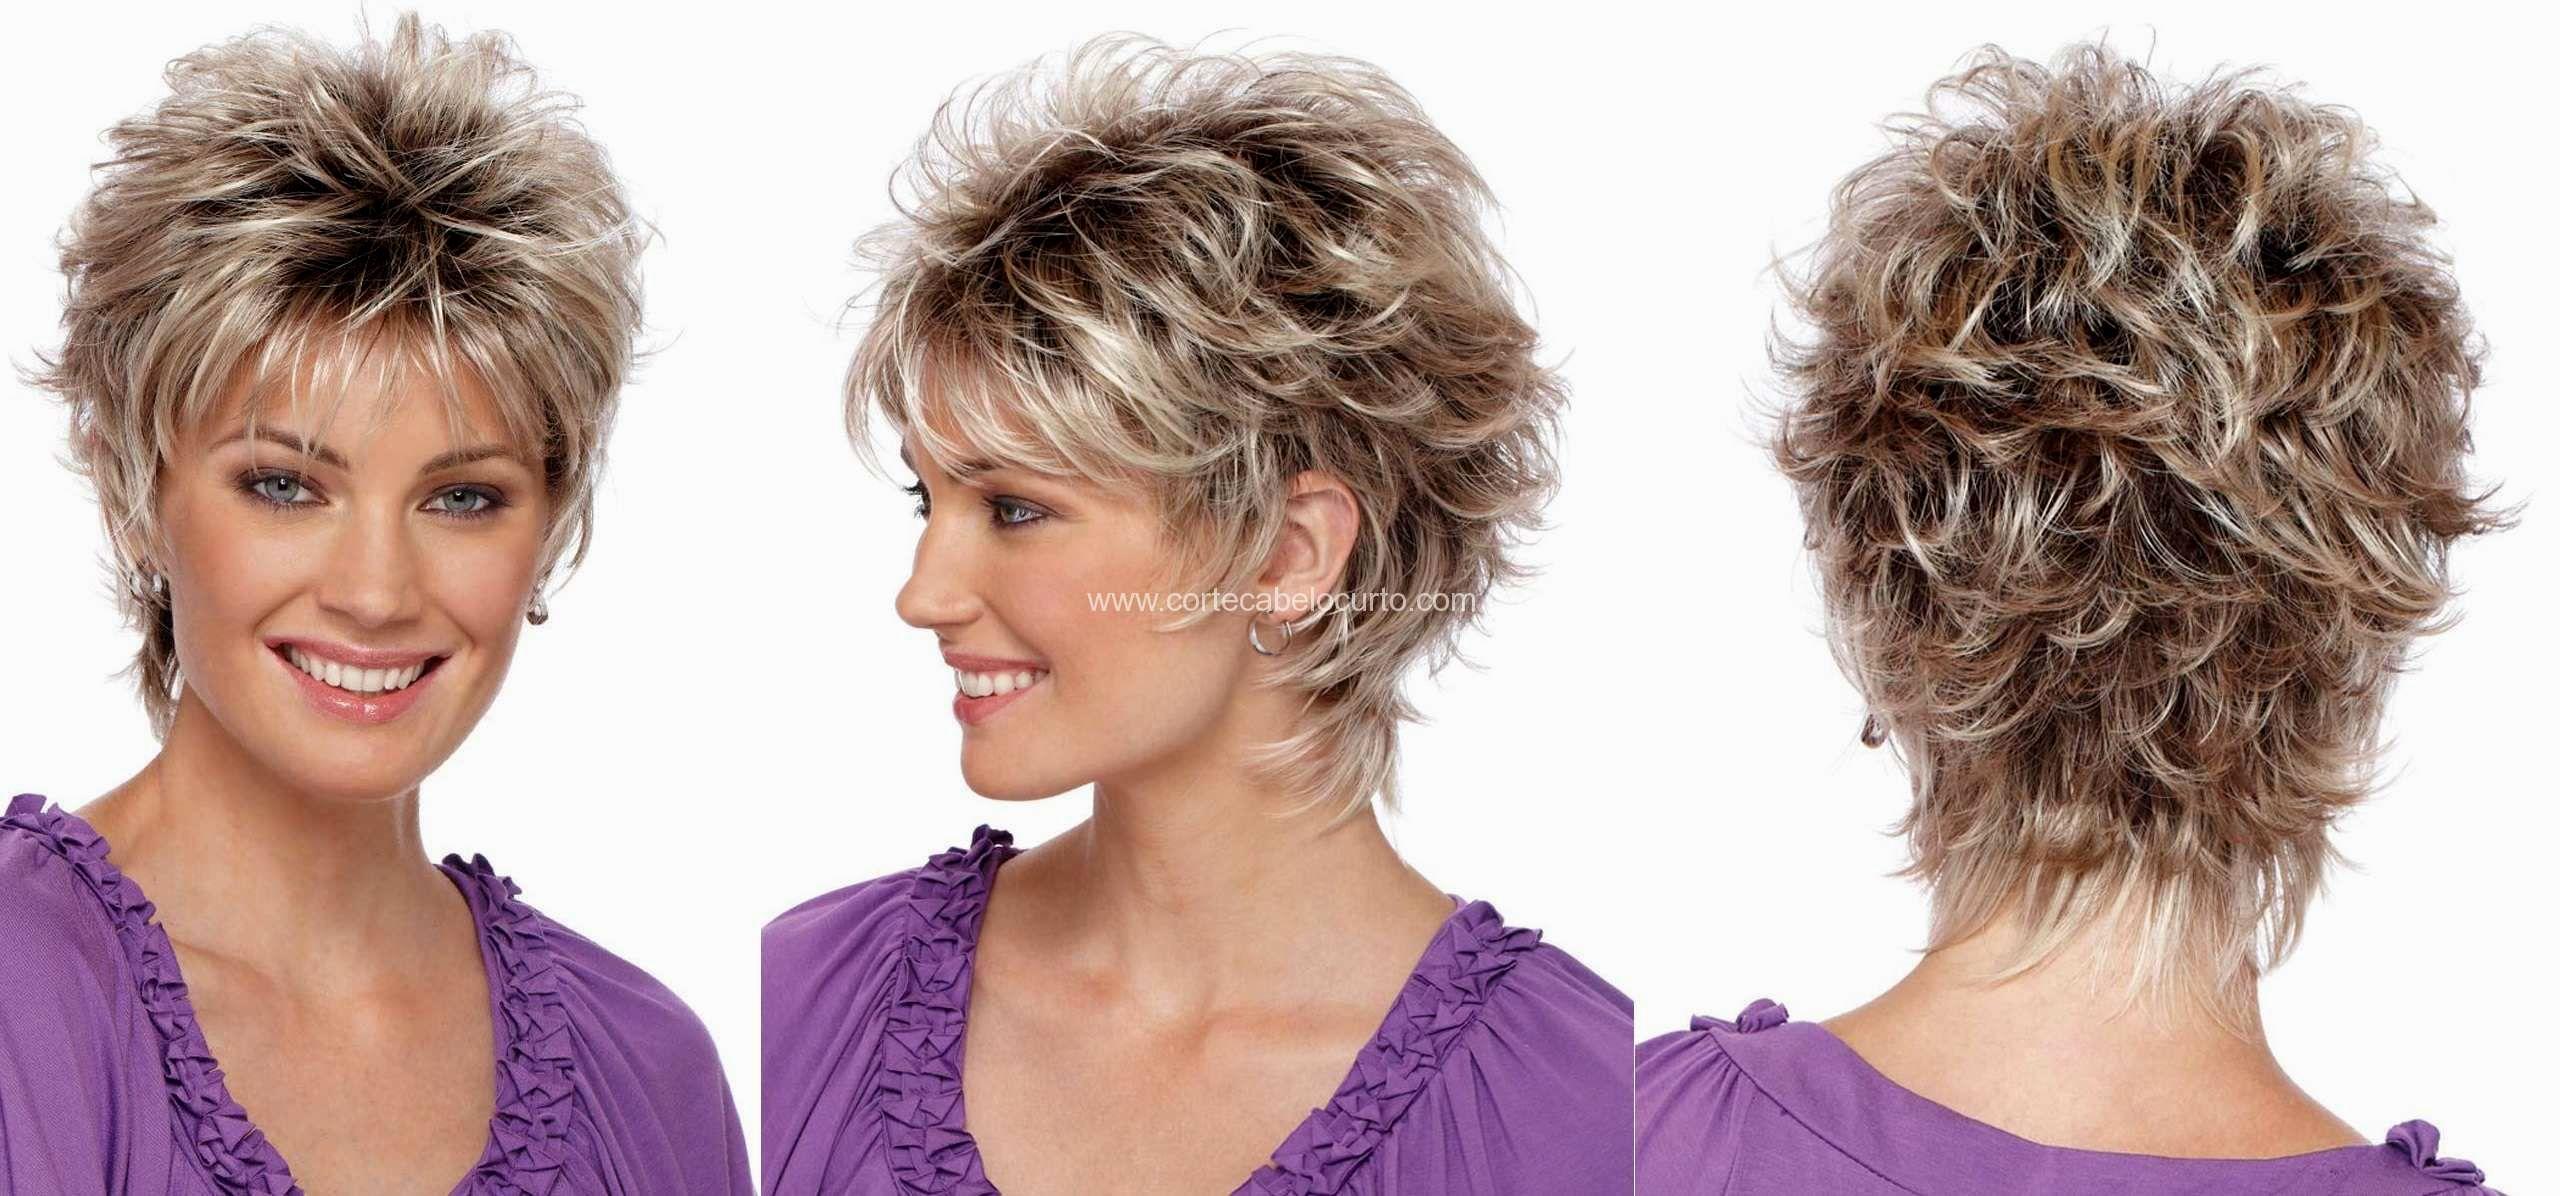 top corte de cabelo curto repicado feminino online-Melhor Best Of Corte De Cabelo Curto Repicado Feminino Imagem